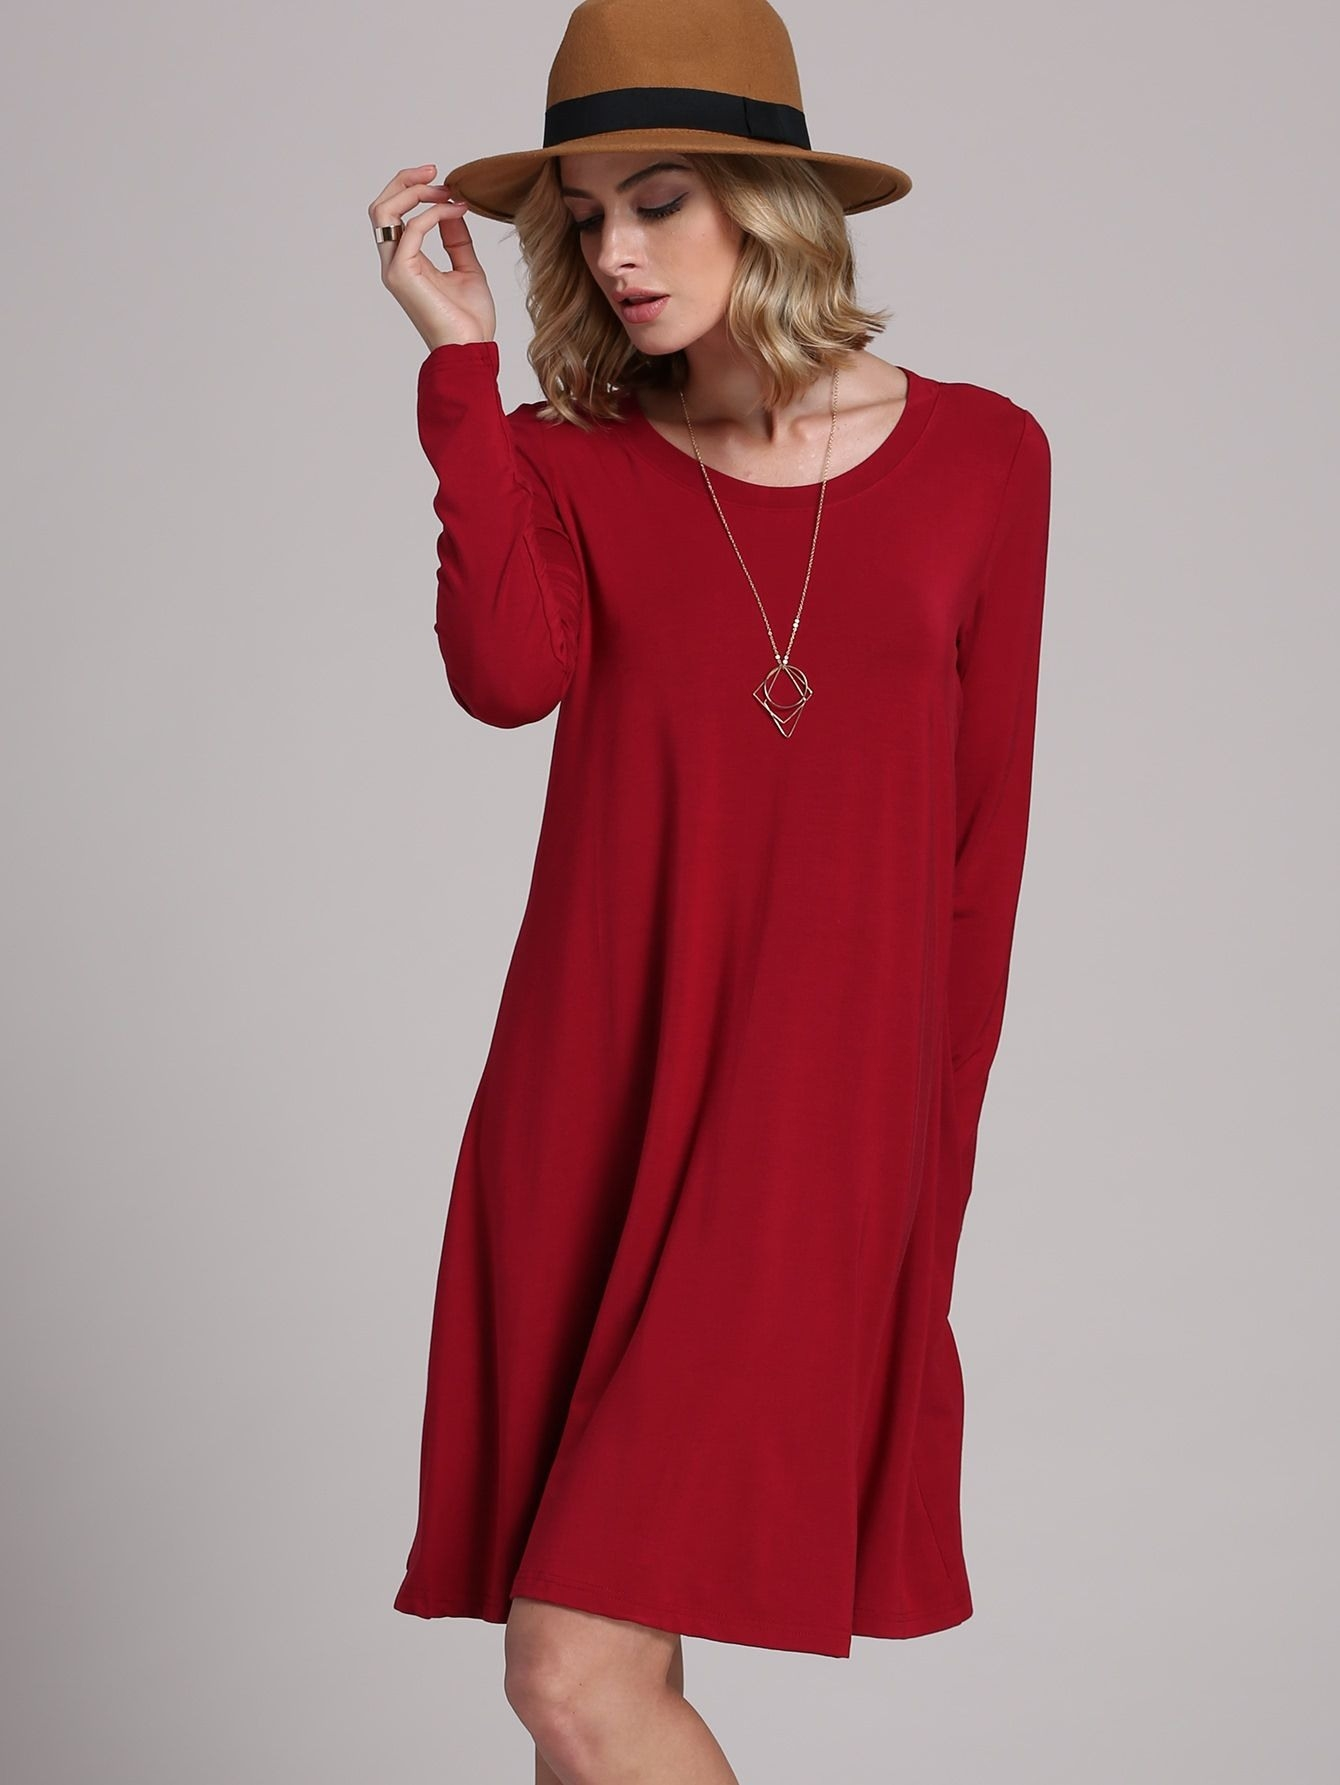 Abend Elegant Rotes Kleid Langarm Bester PreisDesigner Genial Rotes Kleid Langarm für 2019